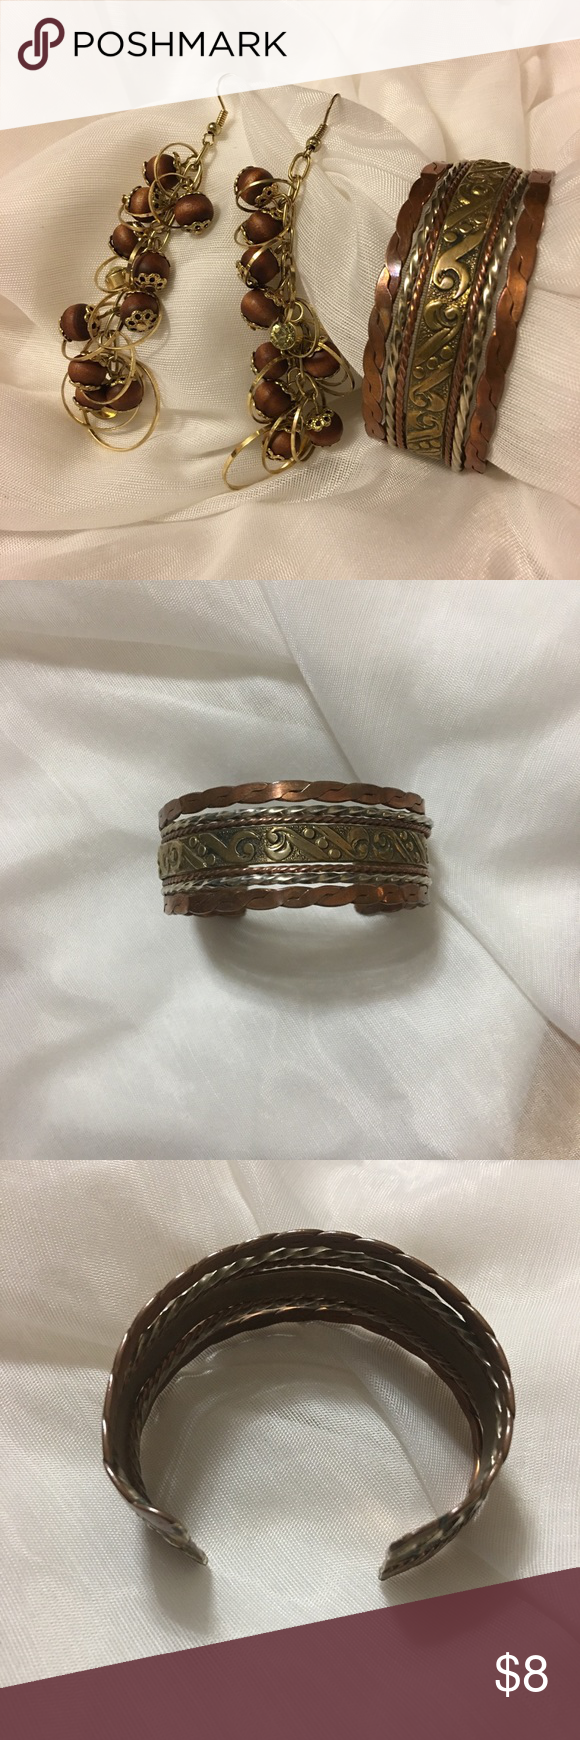 Metal bracelet cuff and beaded earrings metal bracelets copper